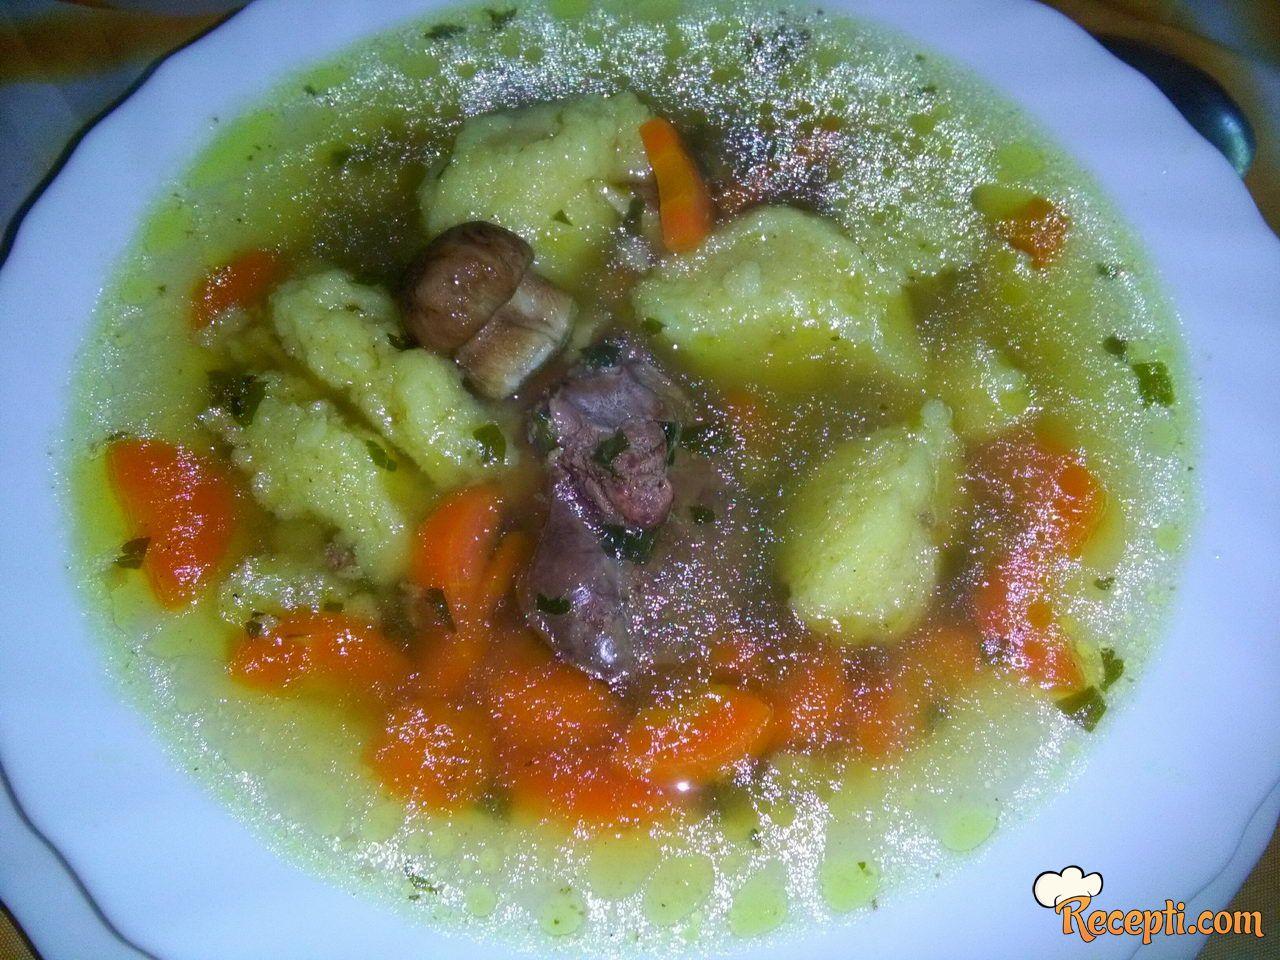 Supa sa vrganjima